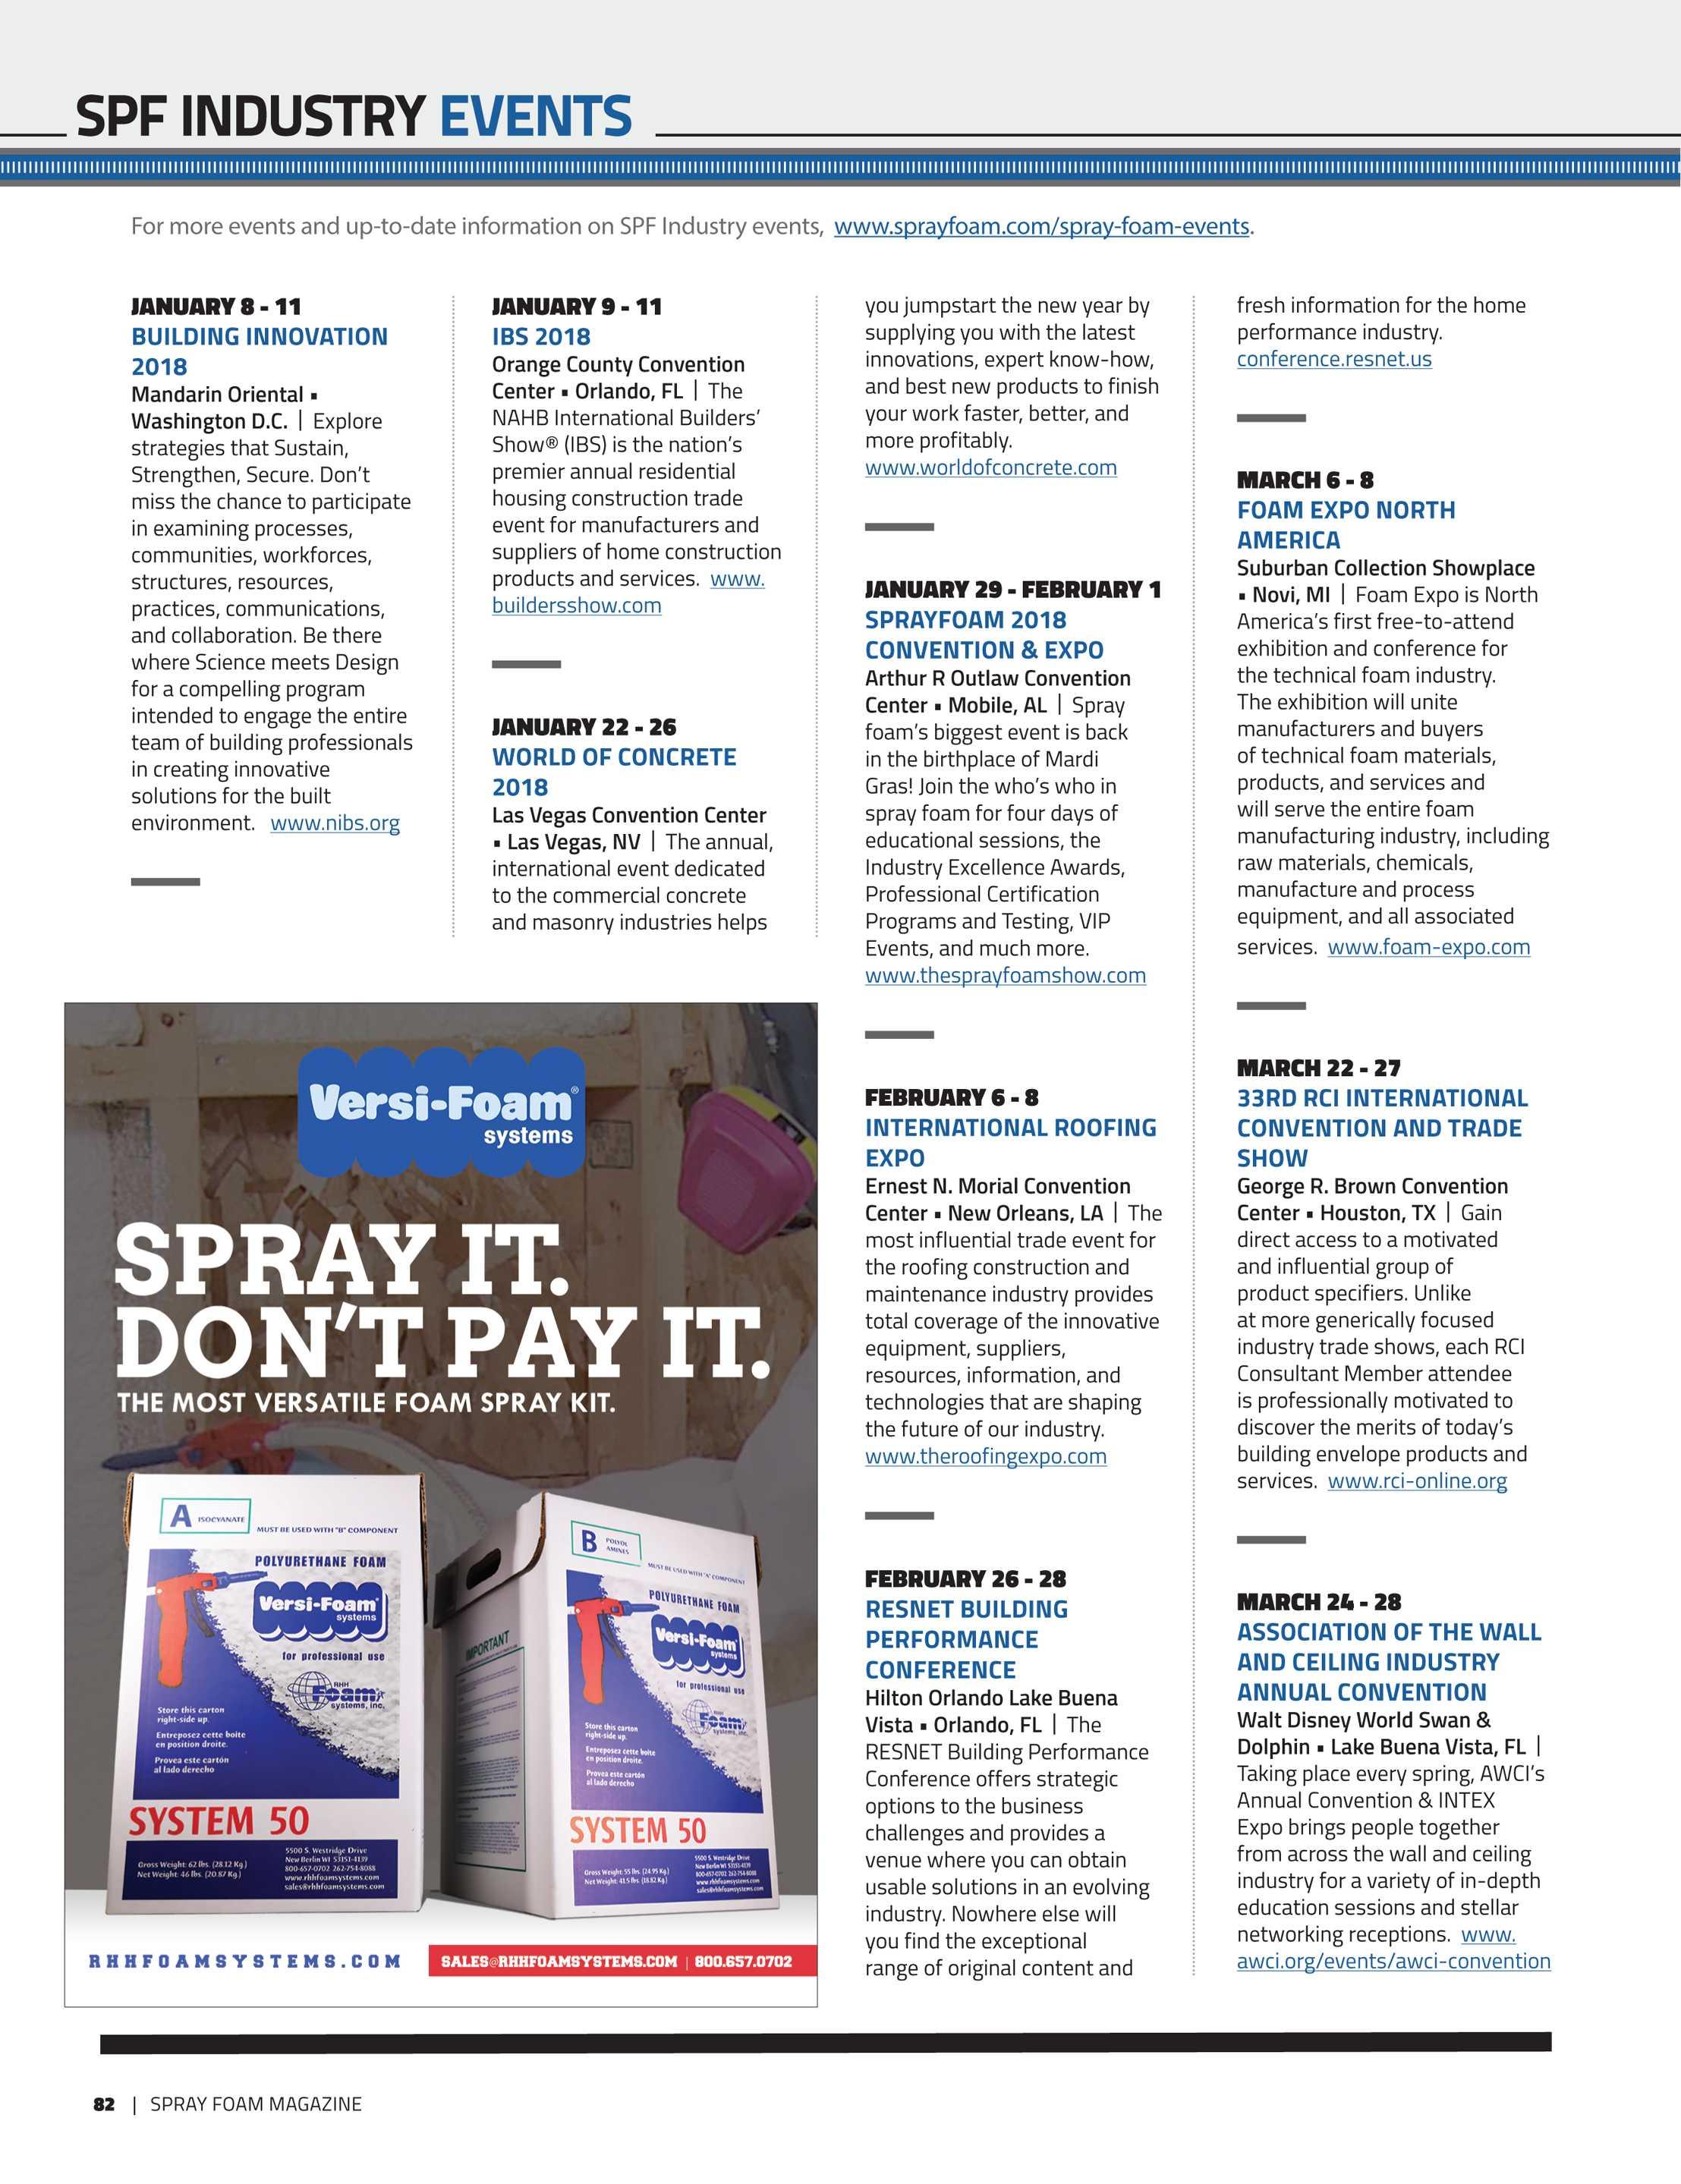 Spray Foam Magazine - JanFeb2018 - page 82